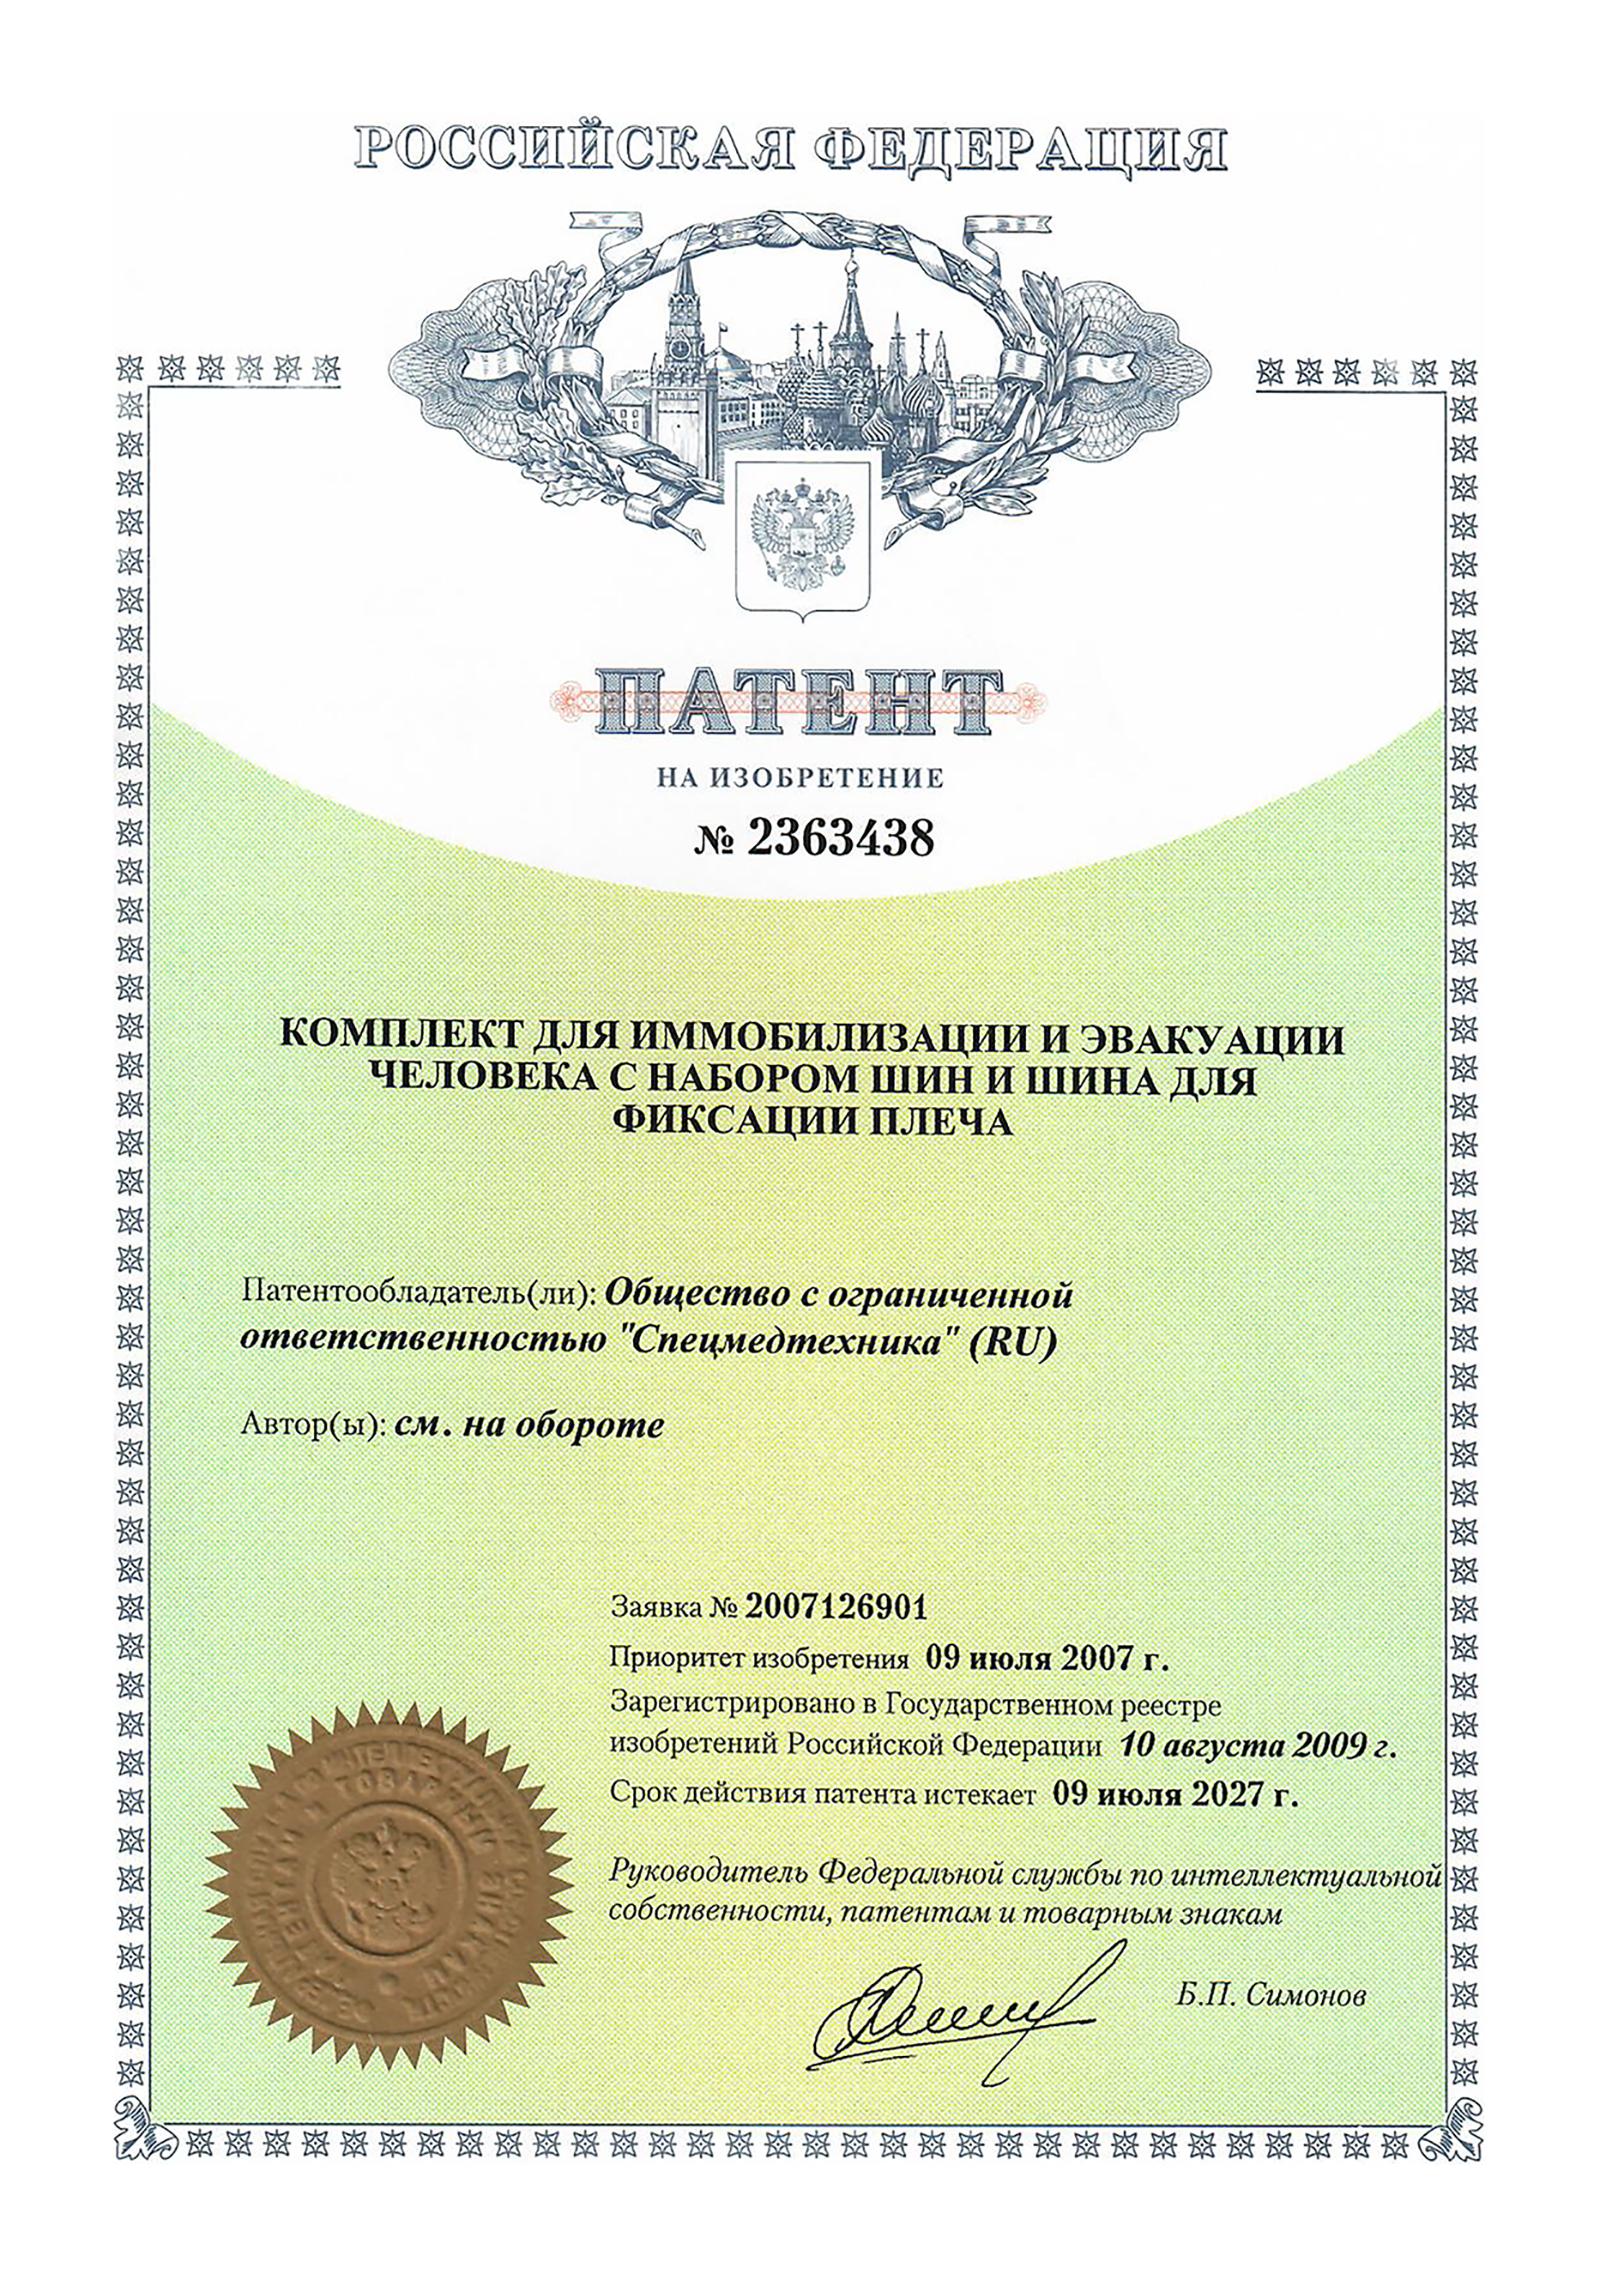 Патент на изобретение 2363438 Комплект для иммобилизации и эвакуации человека с набором шин и шина для фиксации плеча